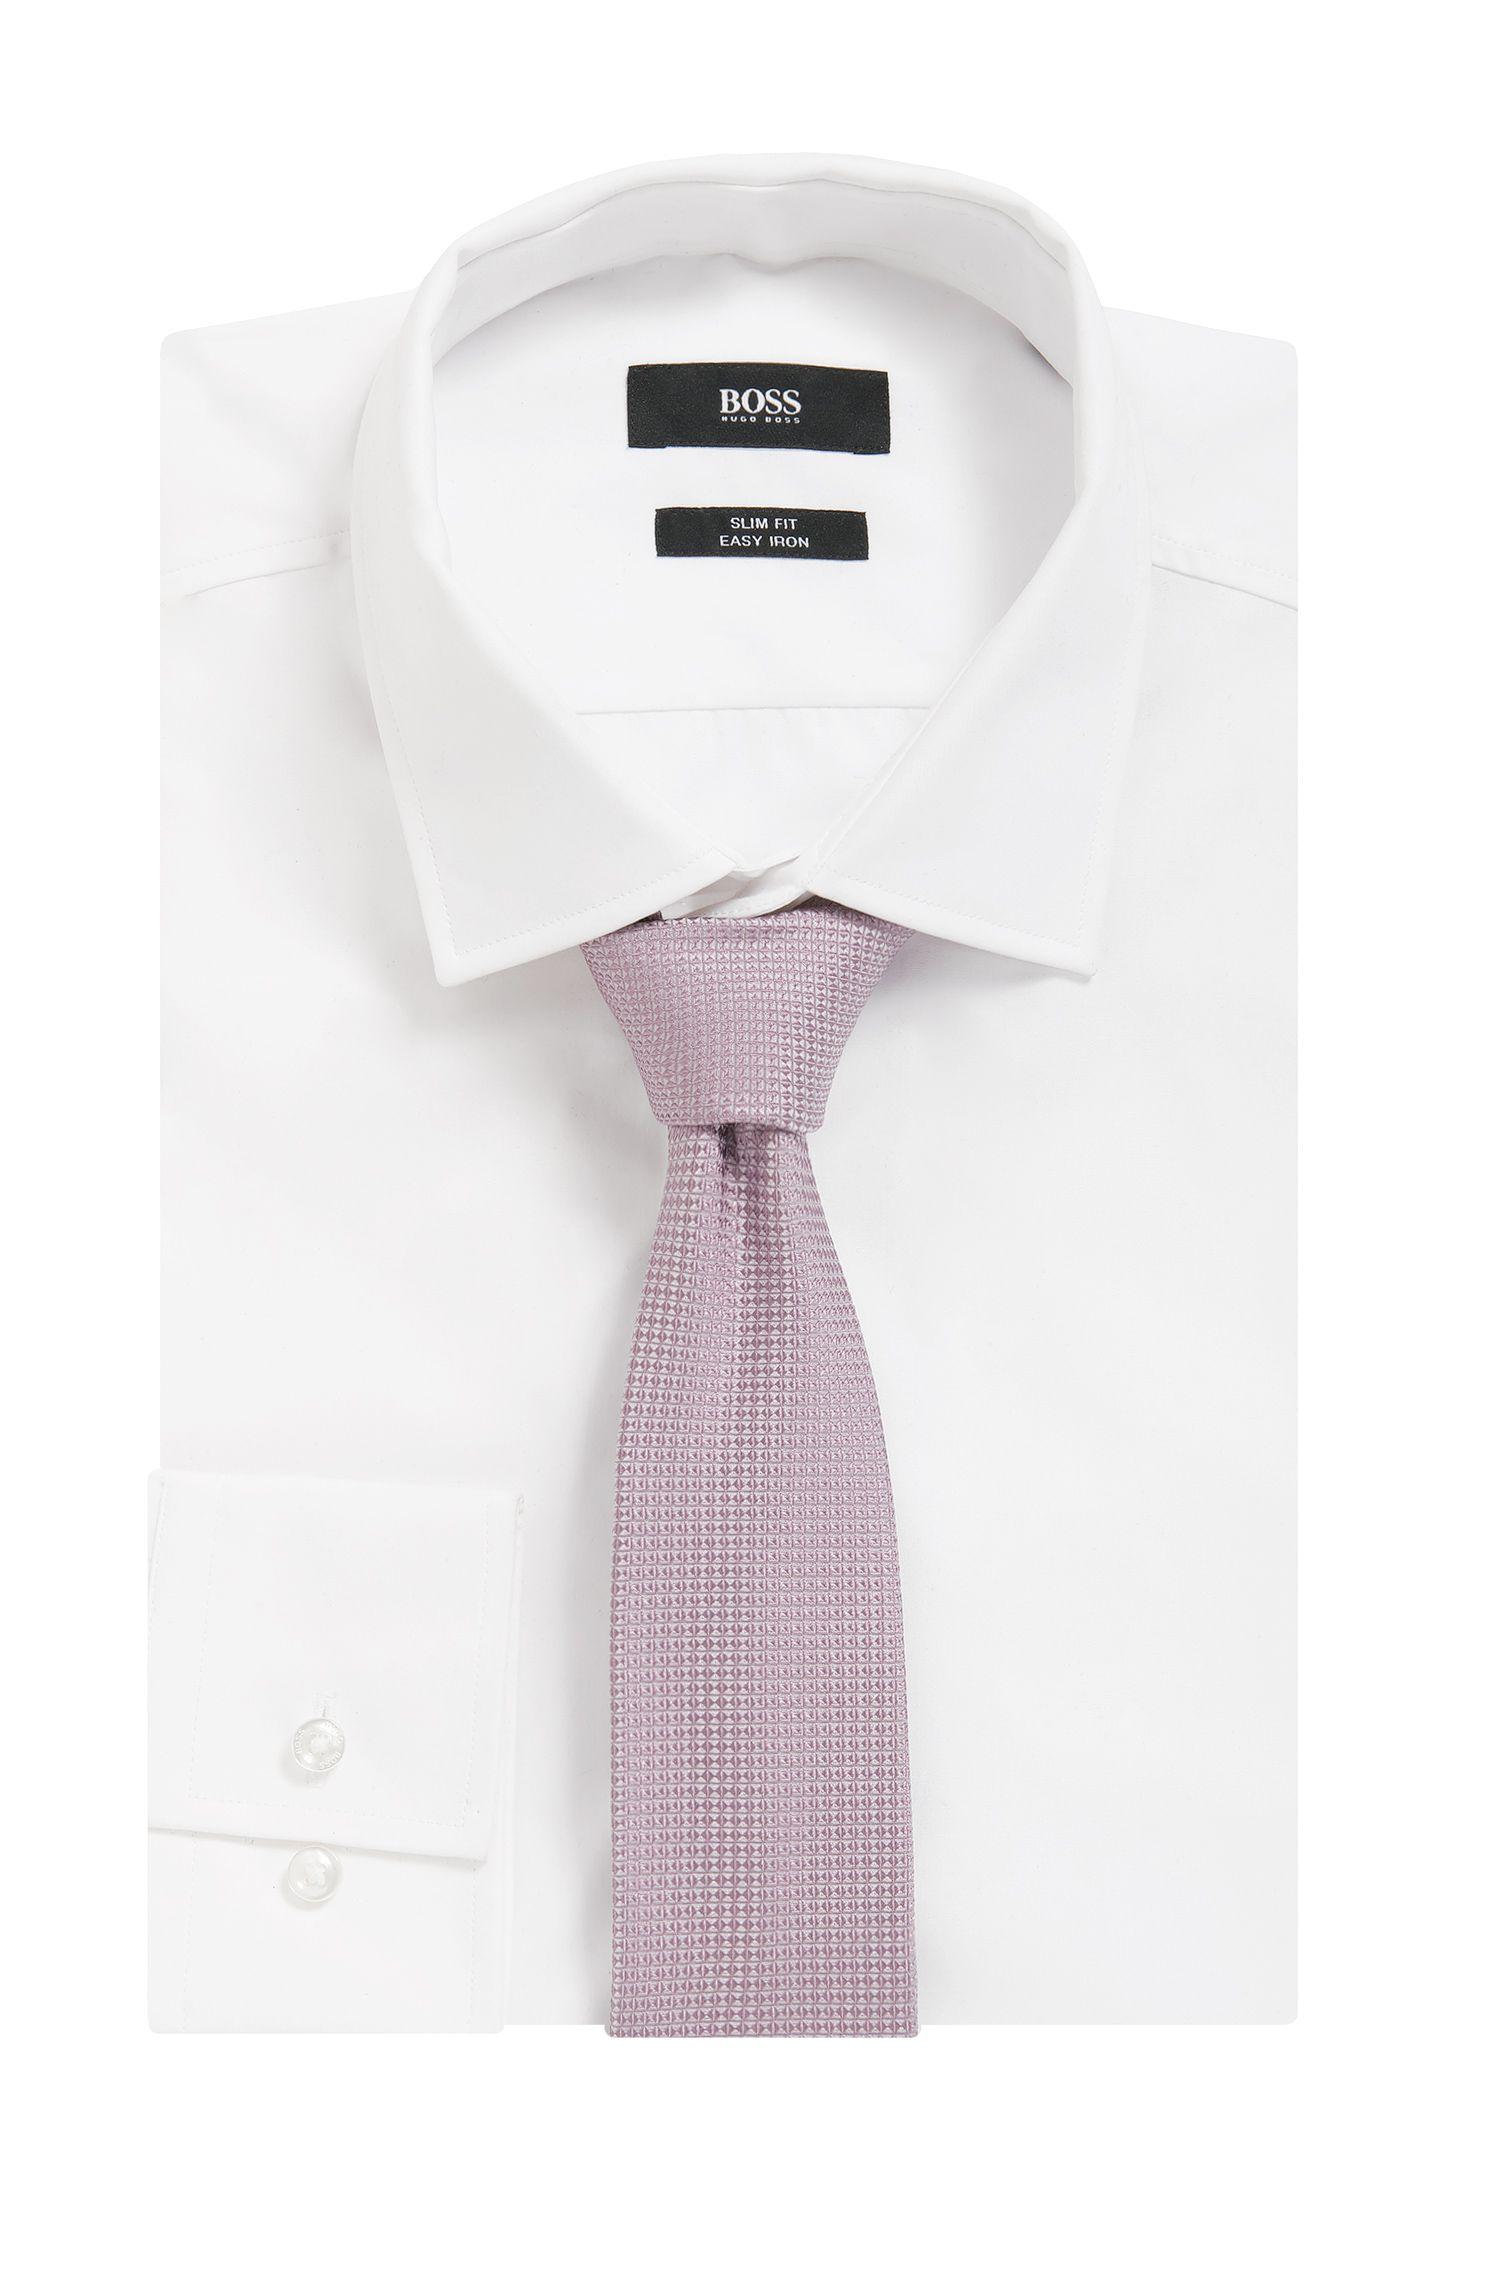 Corbata confeccionada en Italia en jacquard de seda con estampado